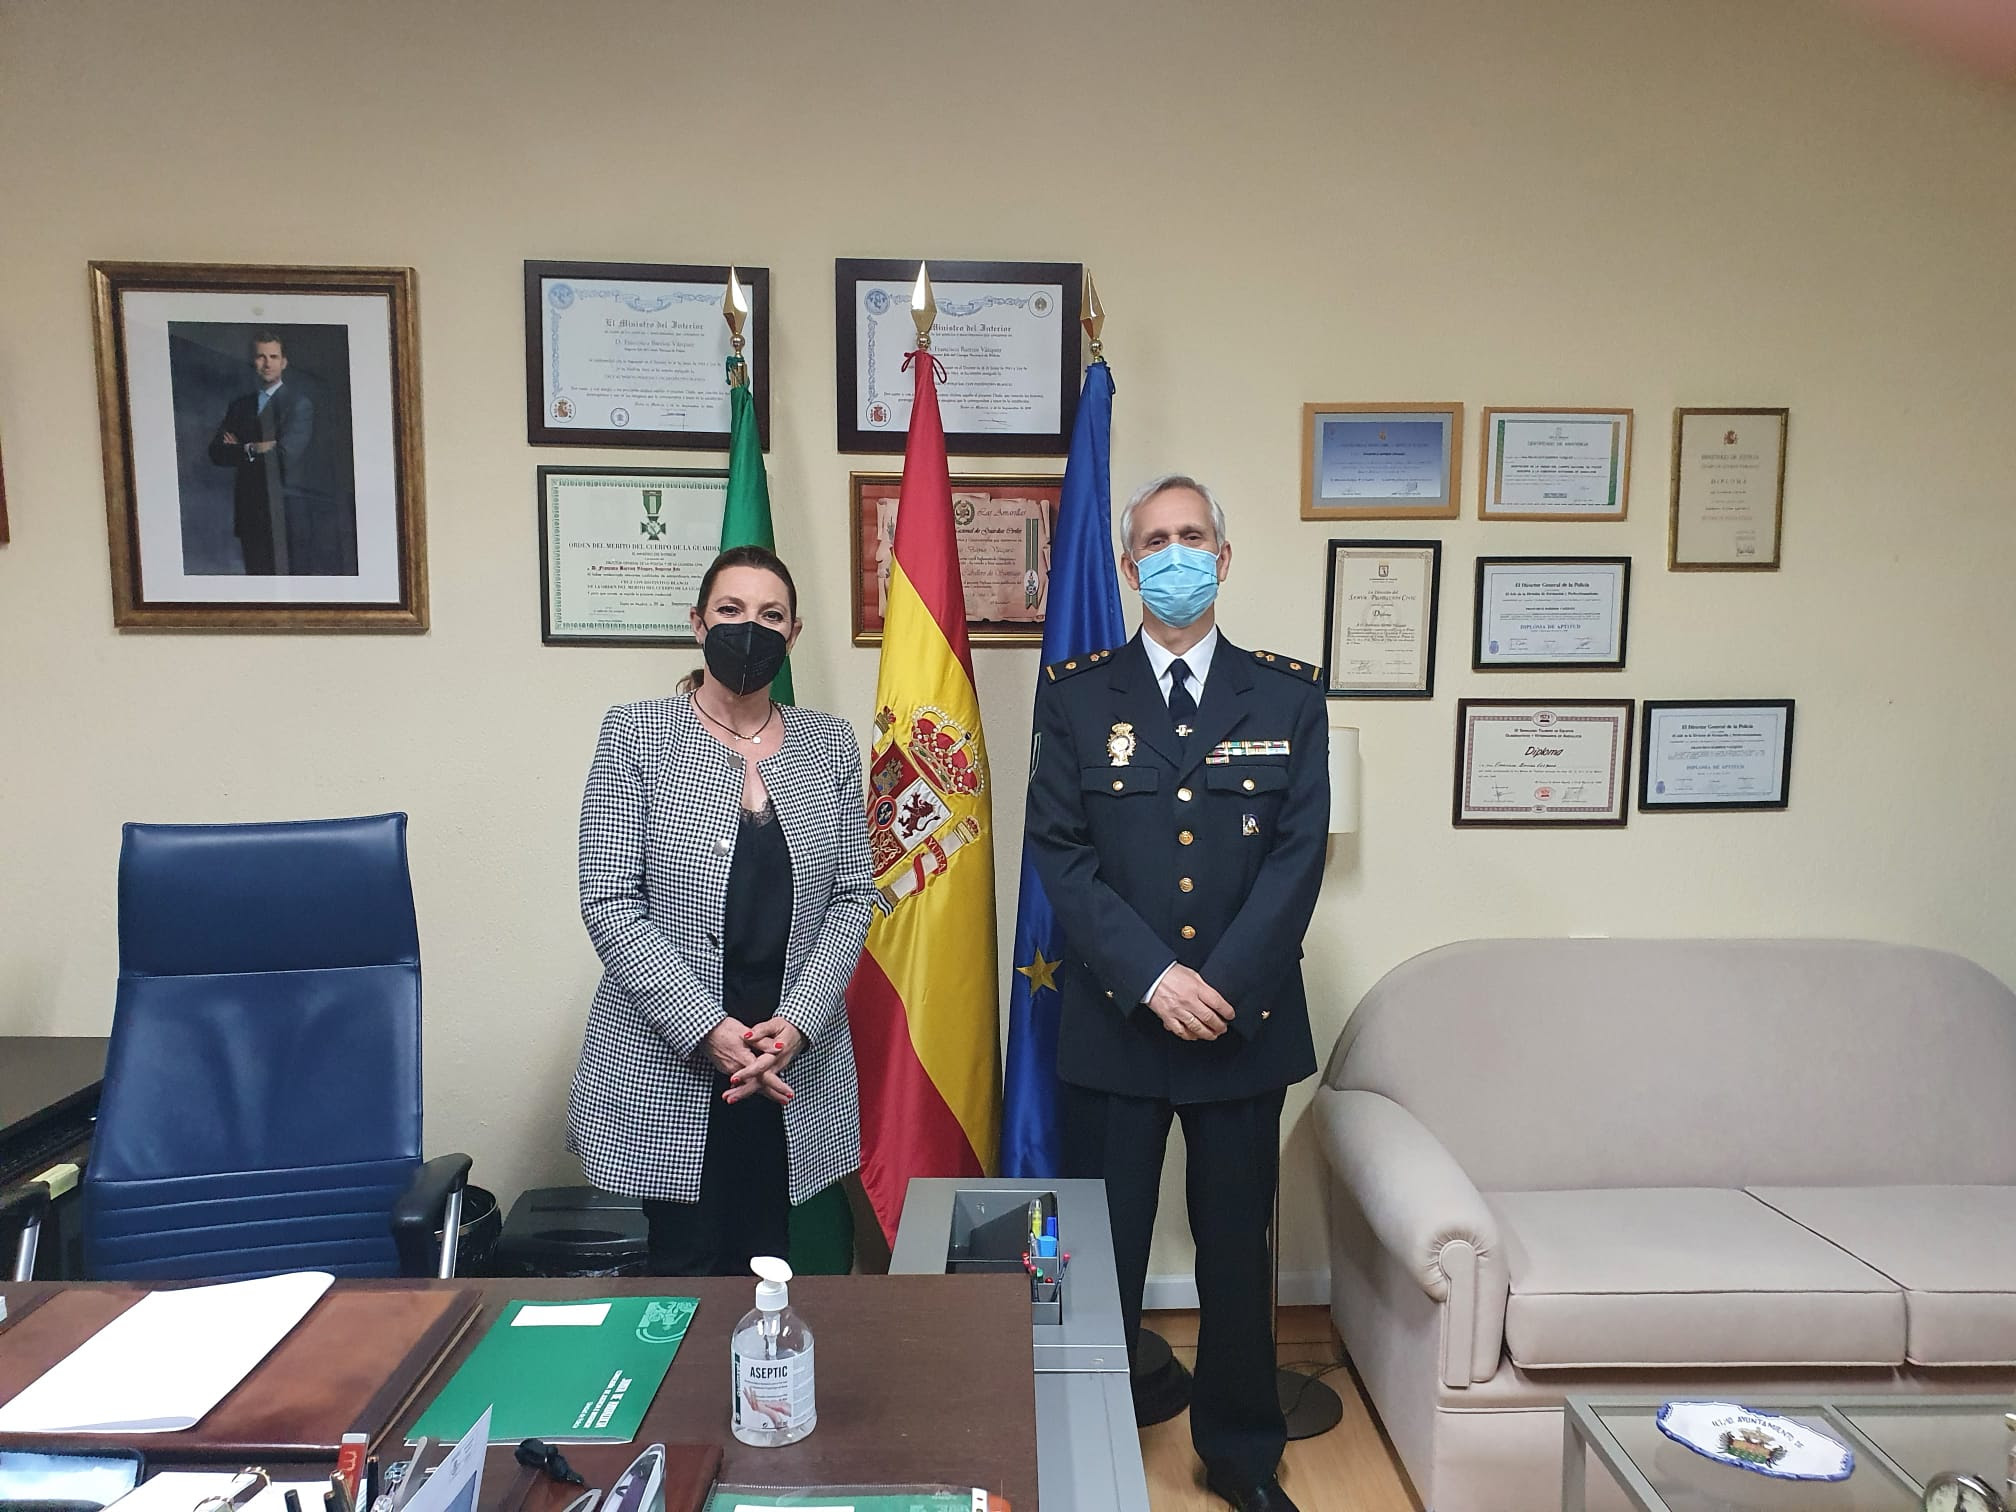 """Insúa: """"La Policía autonómica se ha ganado a pulso una nueva sede en Granada y una unidad especial en Sierra Nevada donde seguir desarrollando su admirable labor"""""""